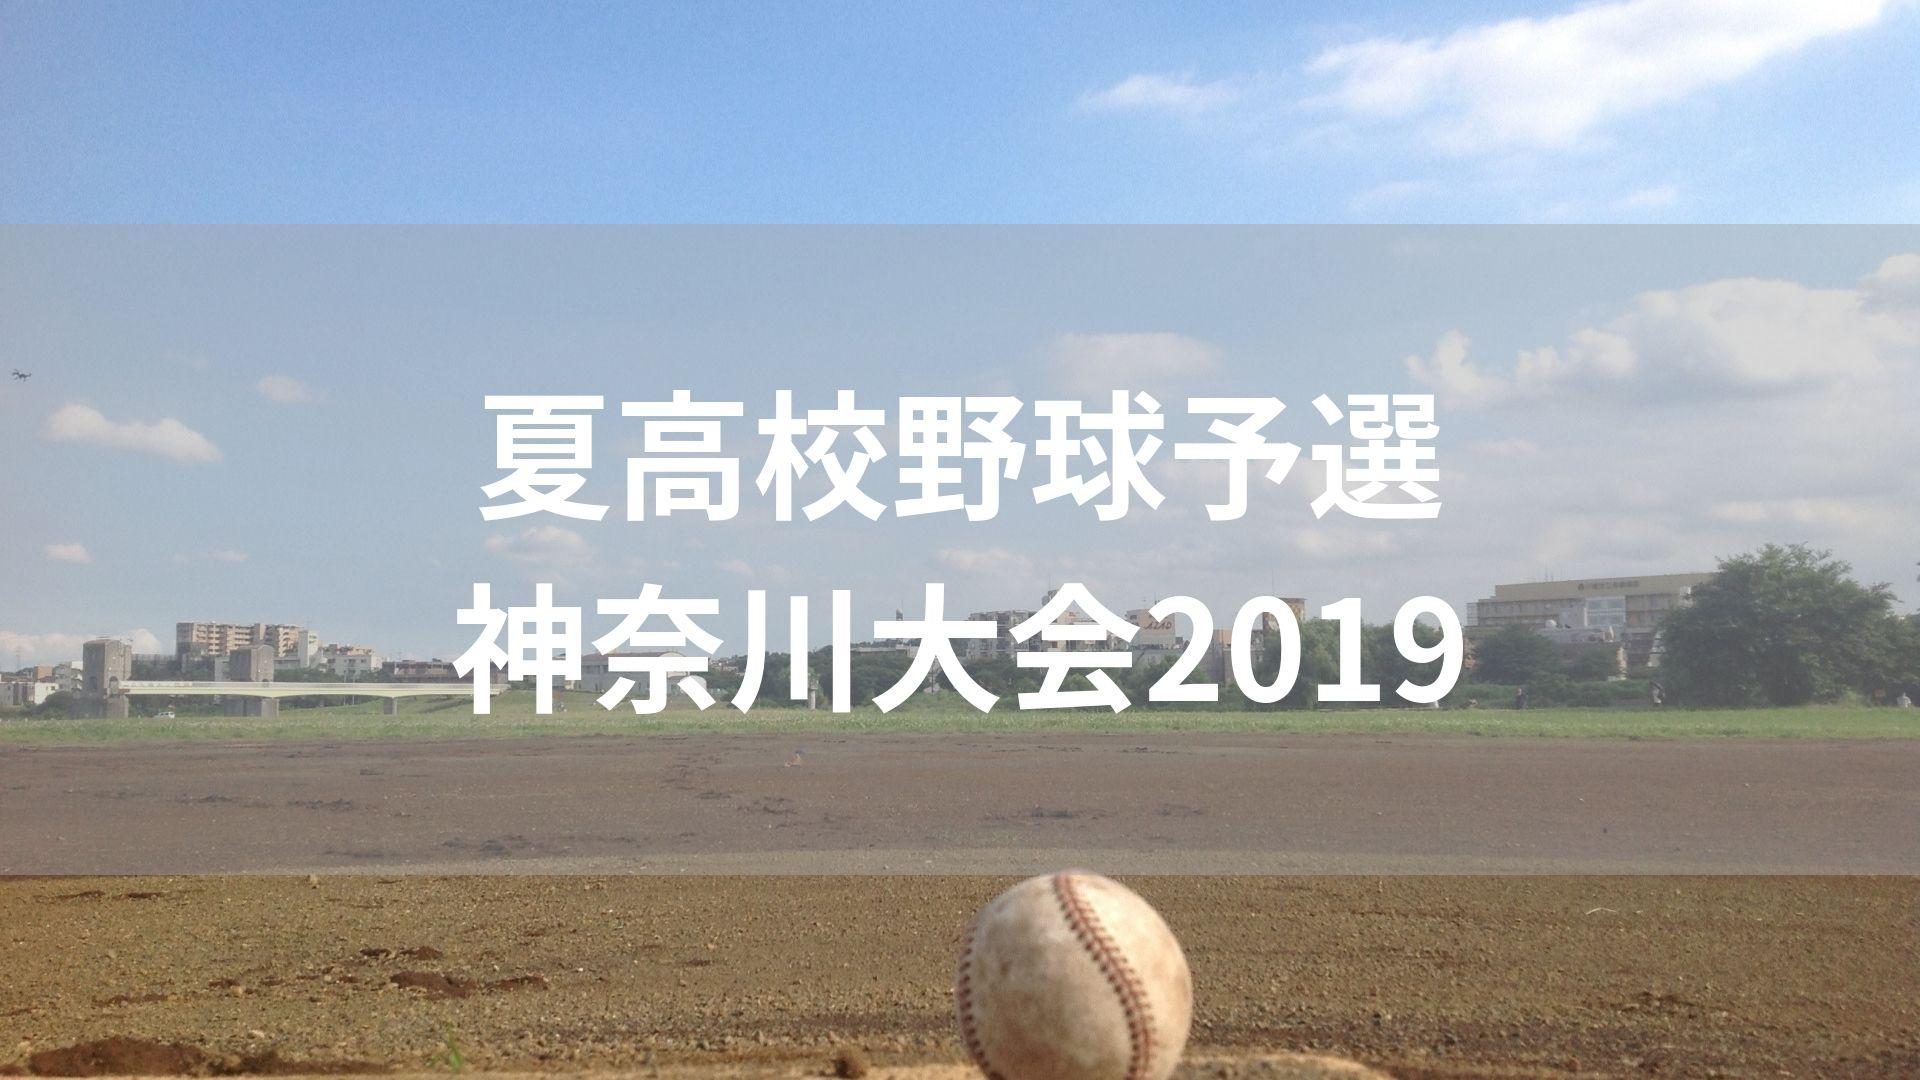 高校野球予選神奈川大会2019